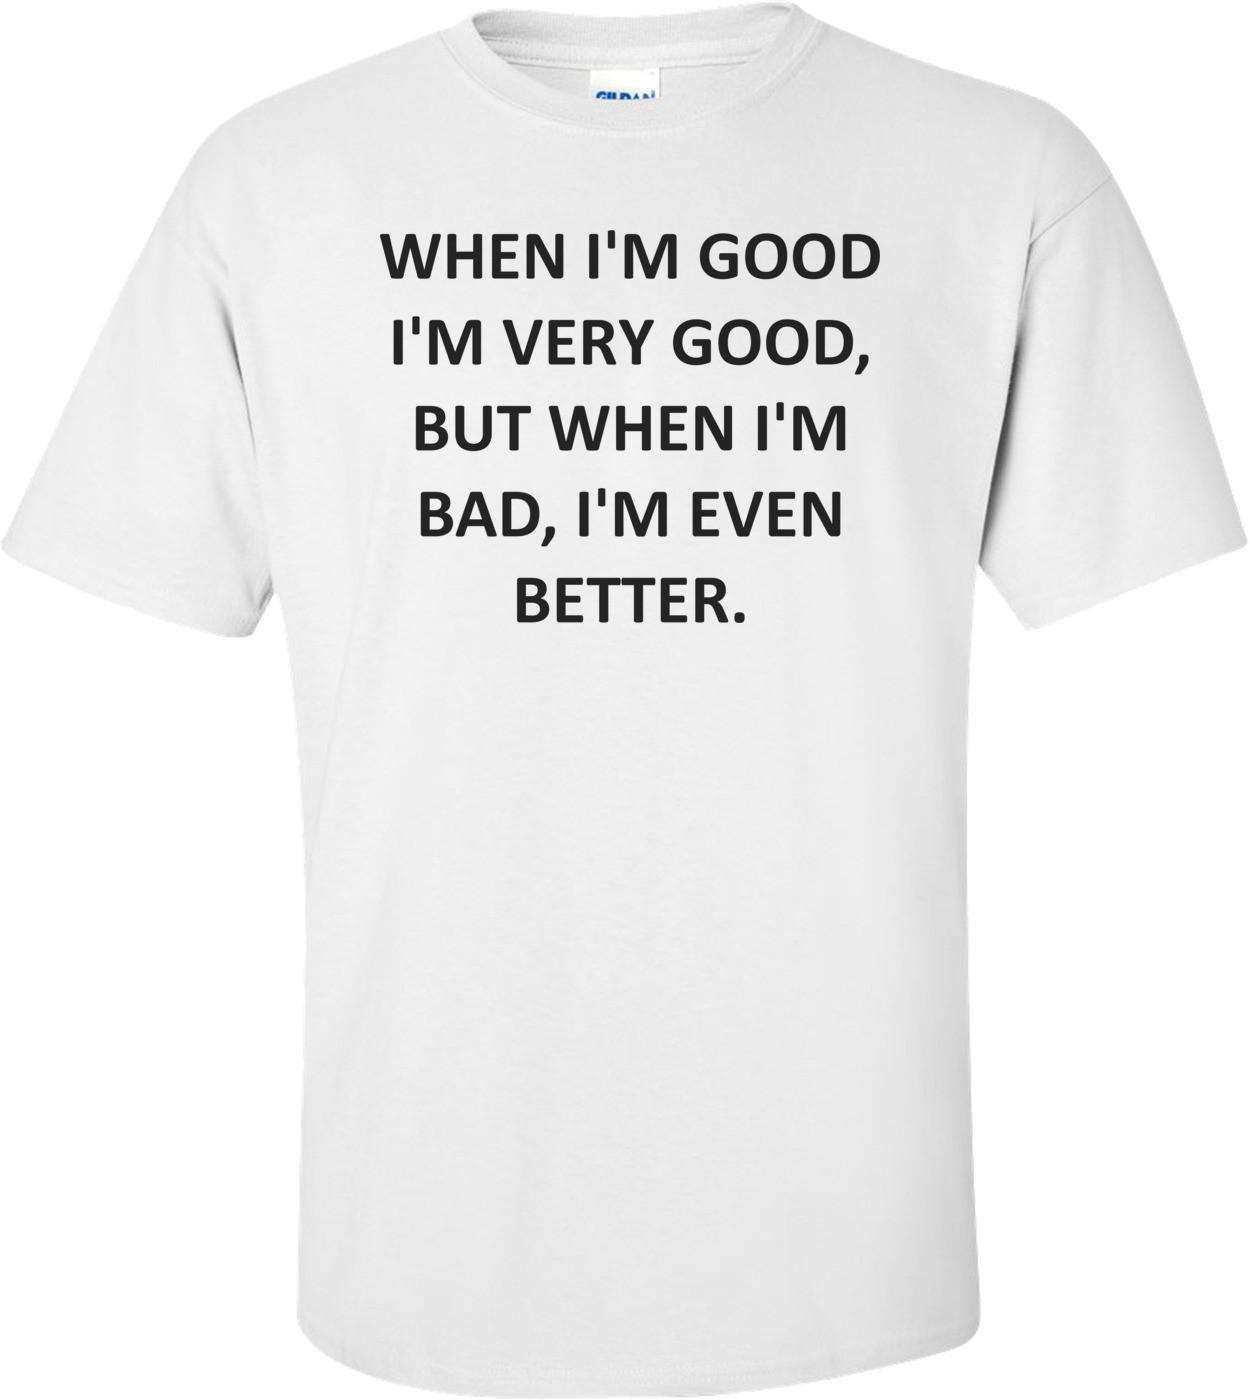 WHEN I'M GOOD I'M VERY GOOD, BUT WHEN I'M BAD, I'M EVEN BETTER. Shirt